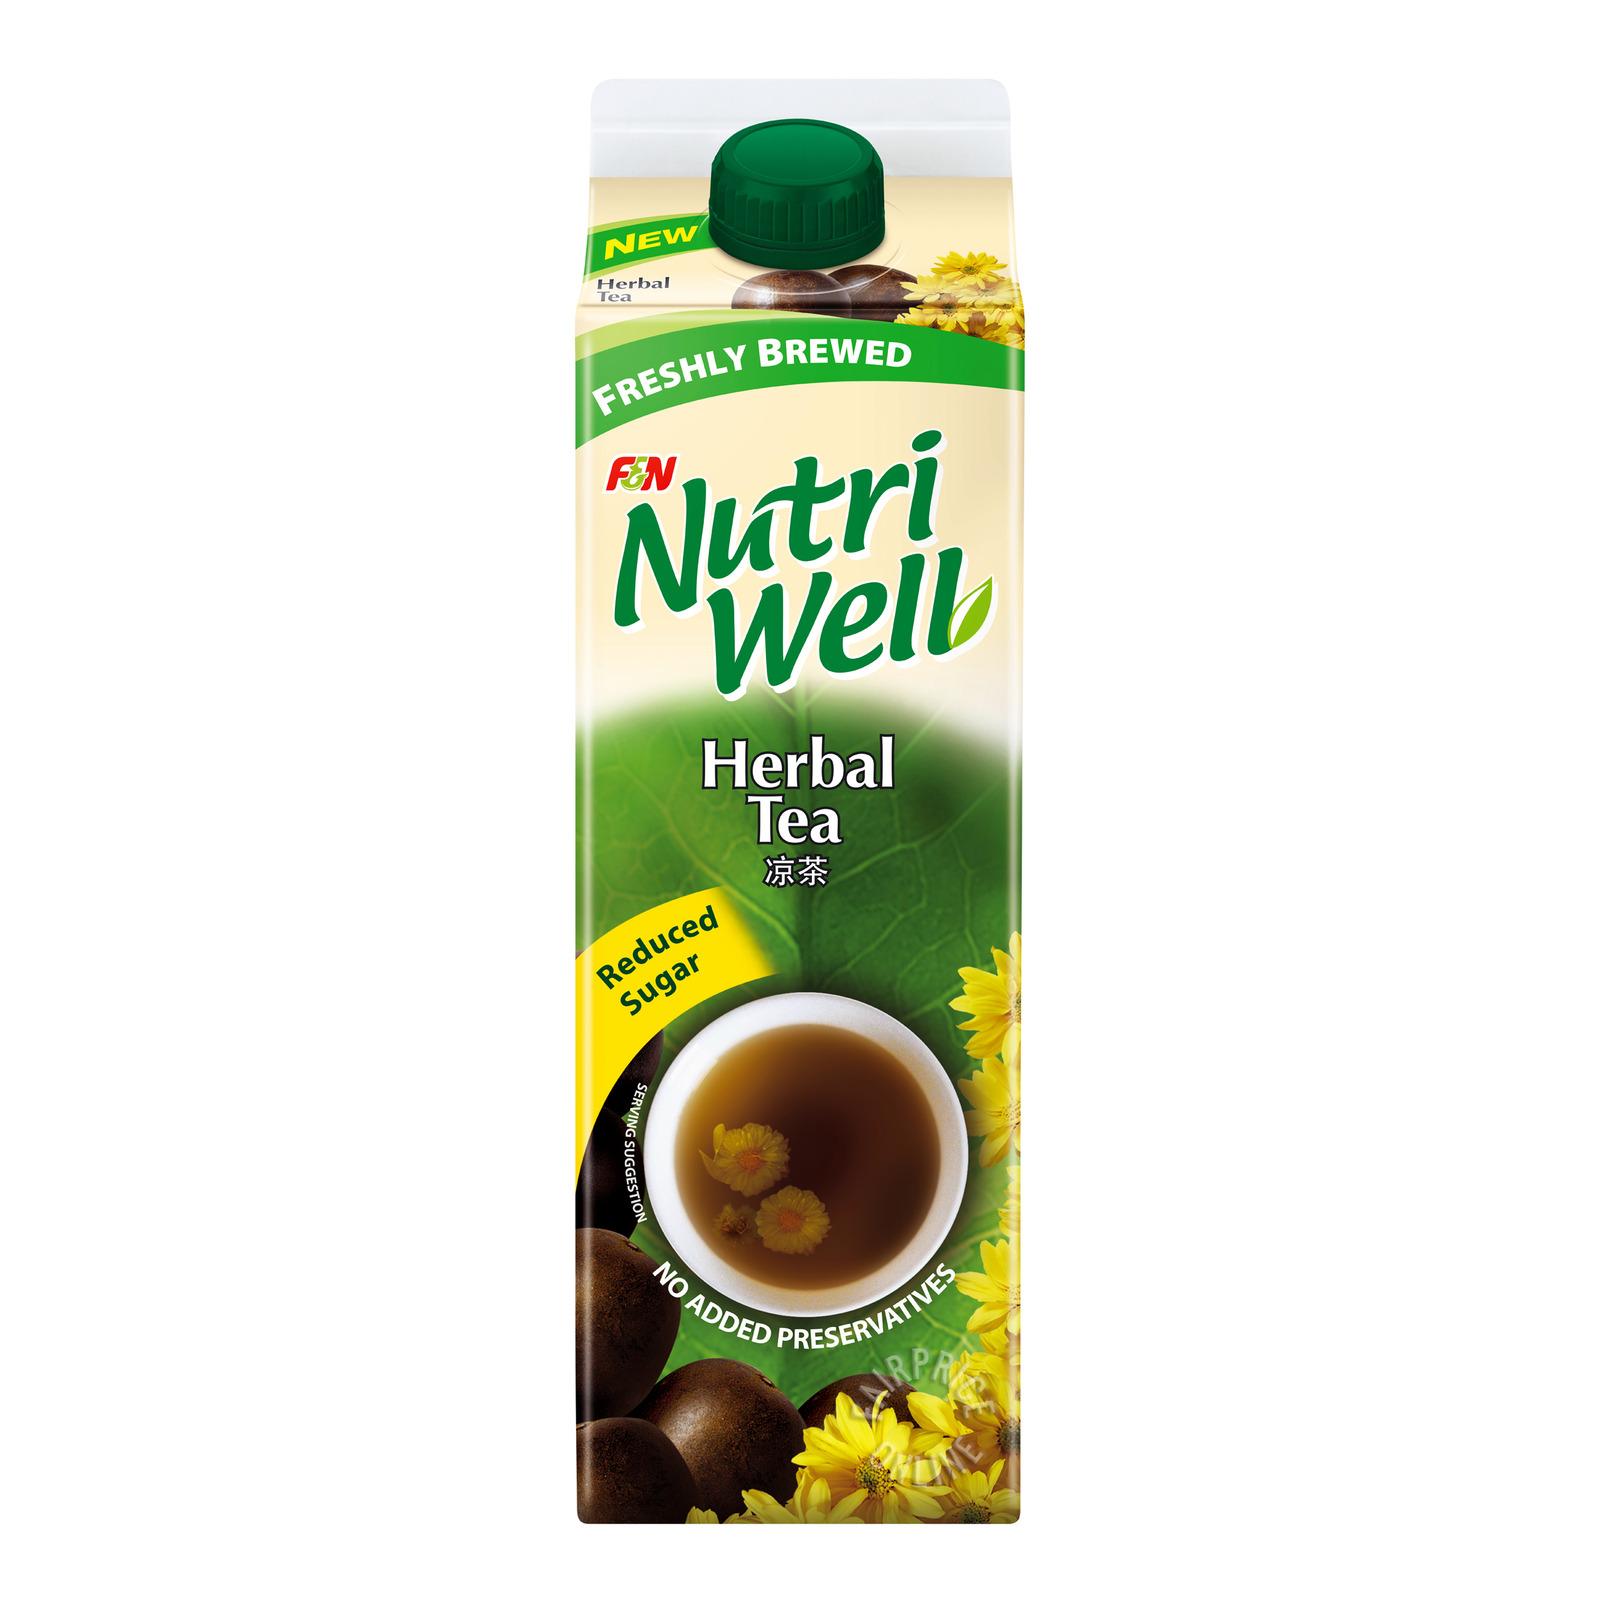 F&N NutriWell Reduced Sugar Drink - Herbal Tea